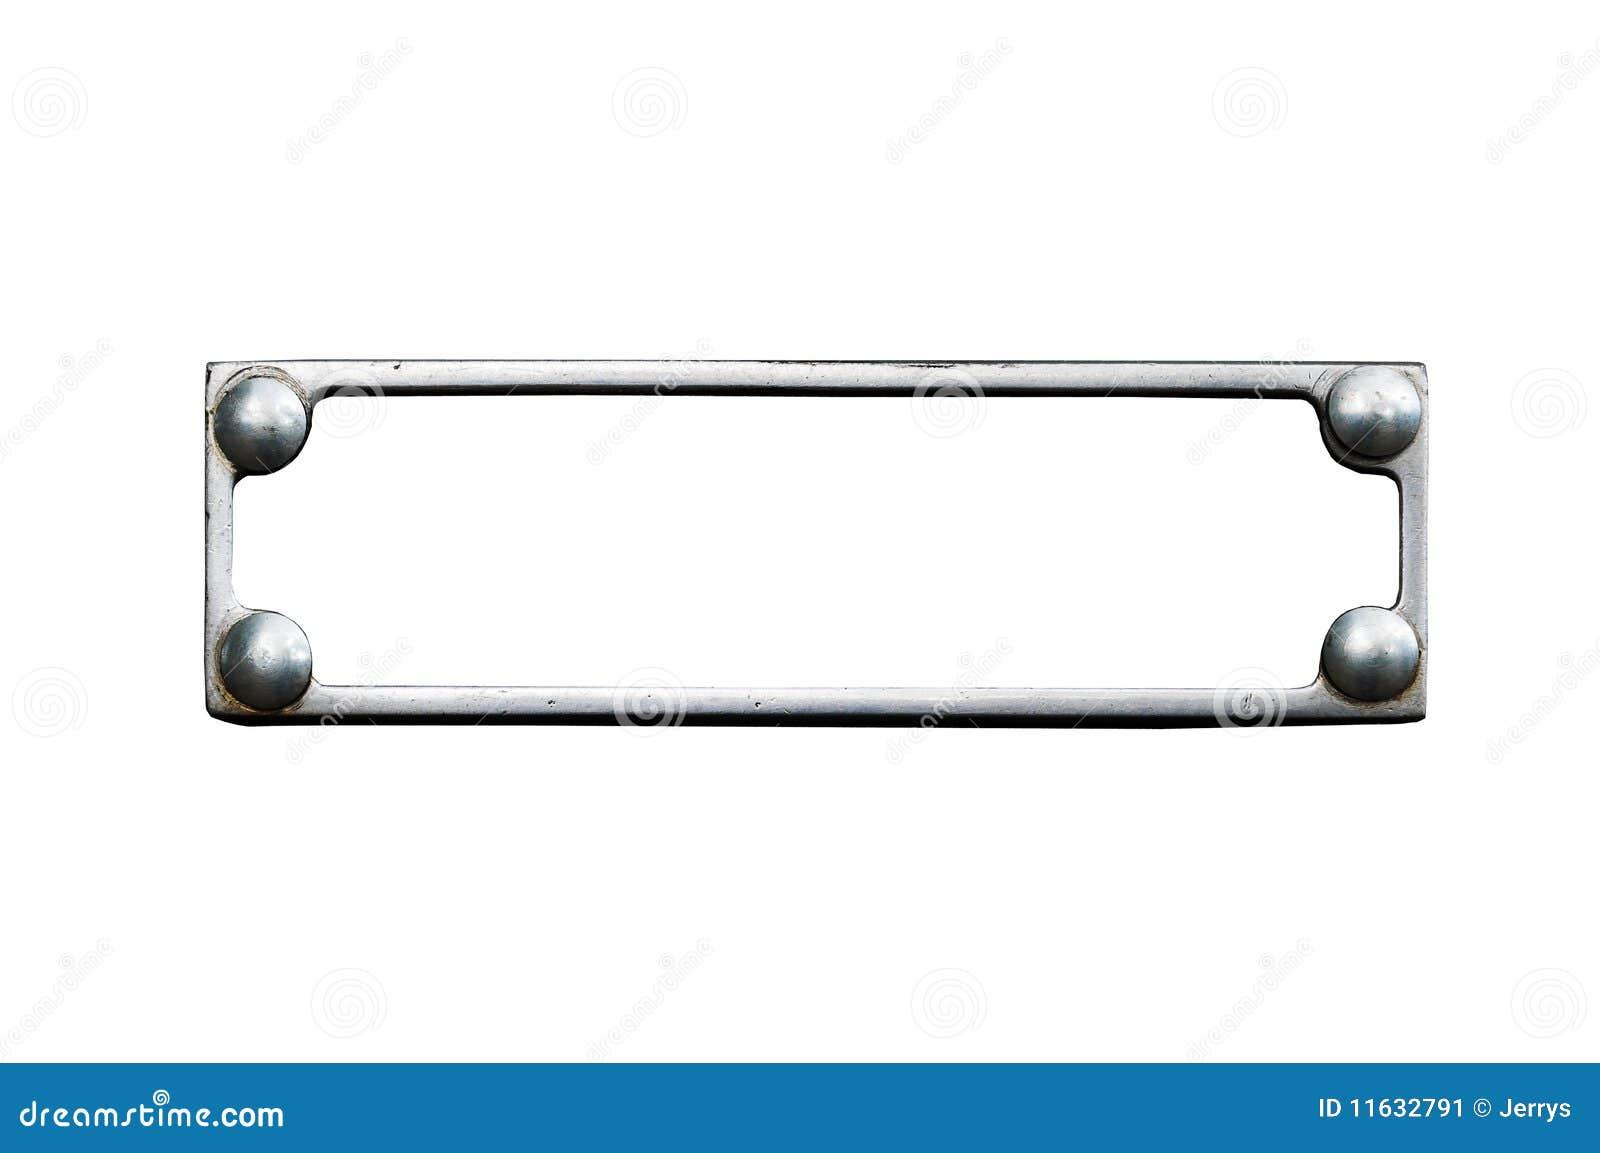 Iron frame stock image. Image of hill, iron, highland - 5974471